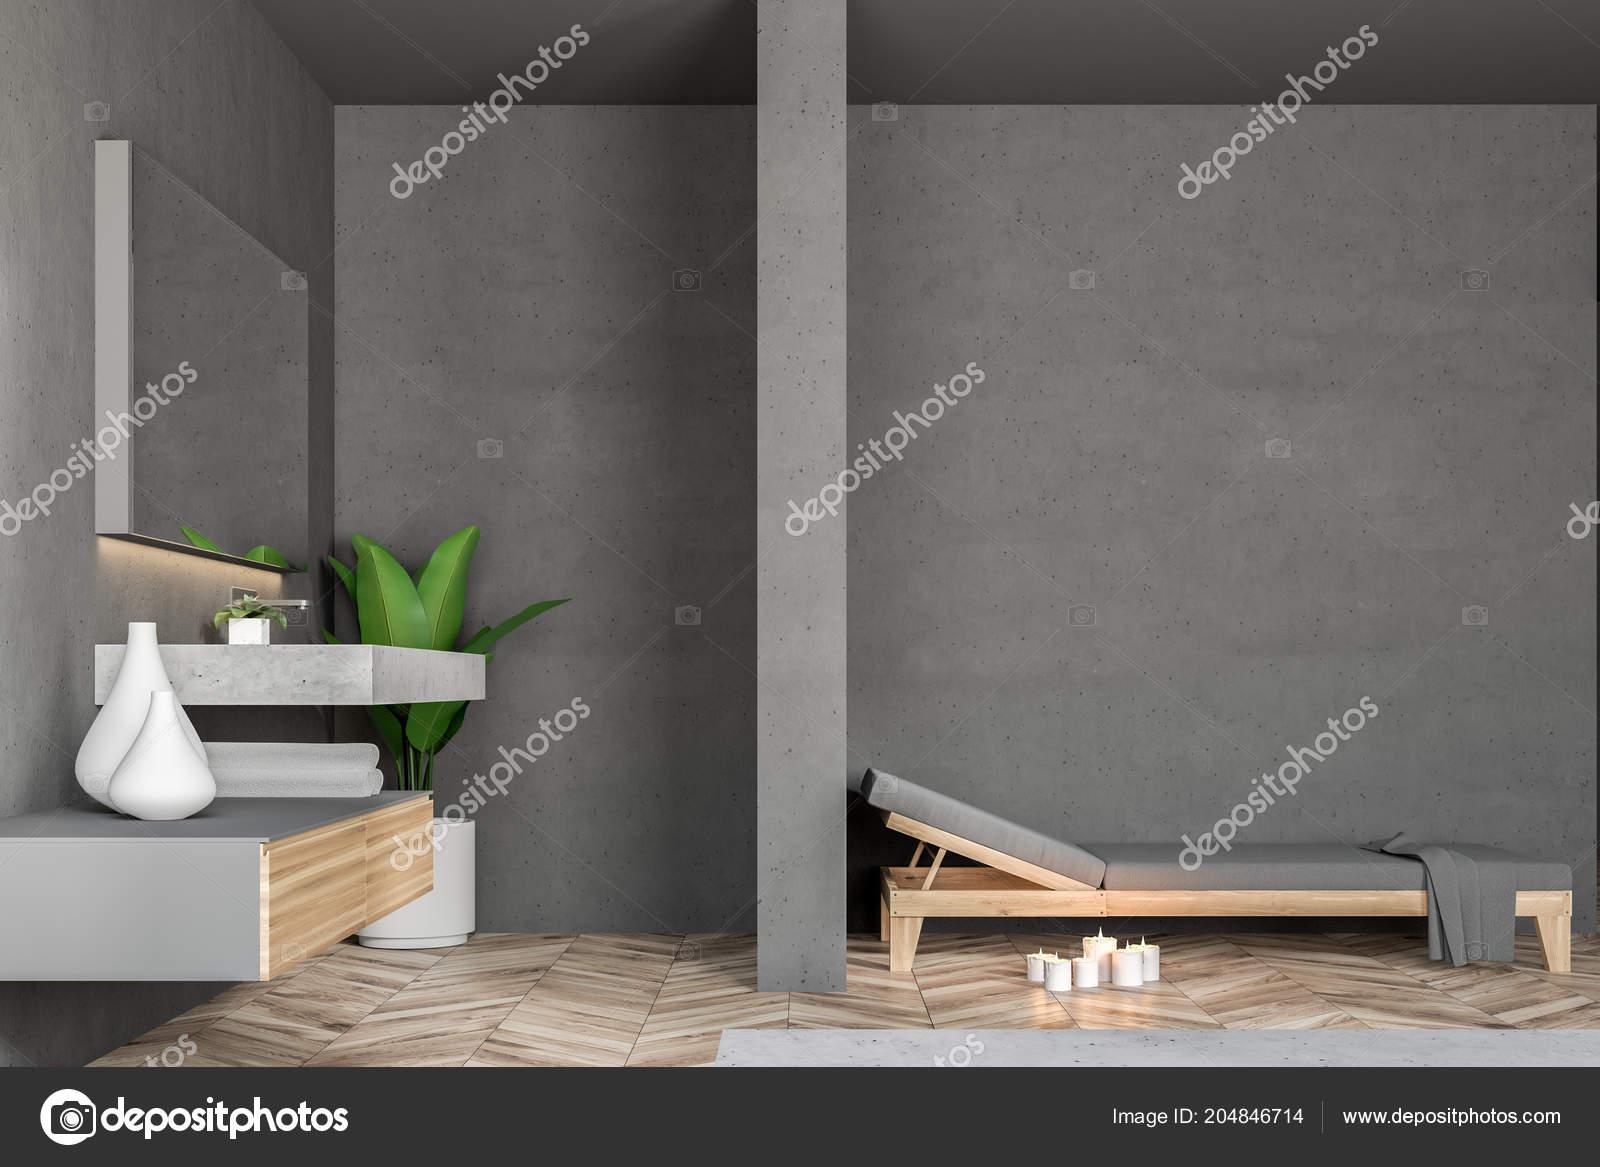 Intérieur Salle Bain Mur Gris Avec Plancher Bois Loft Windows ...